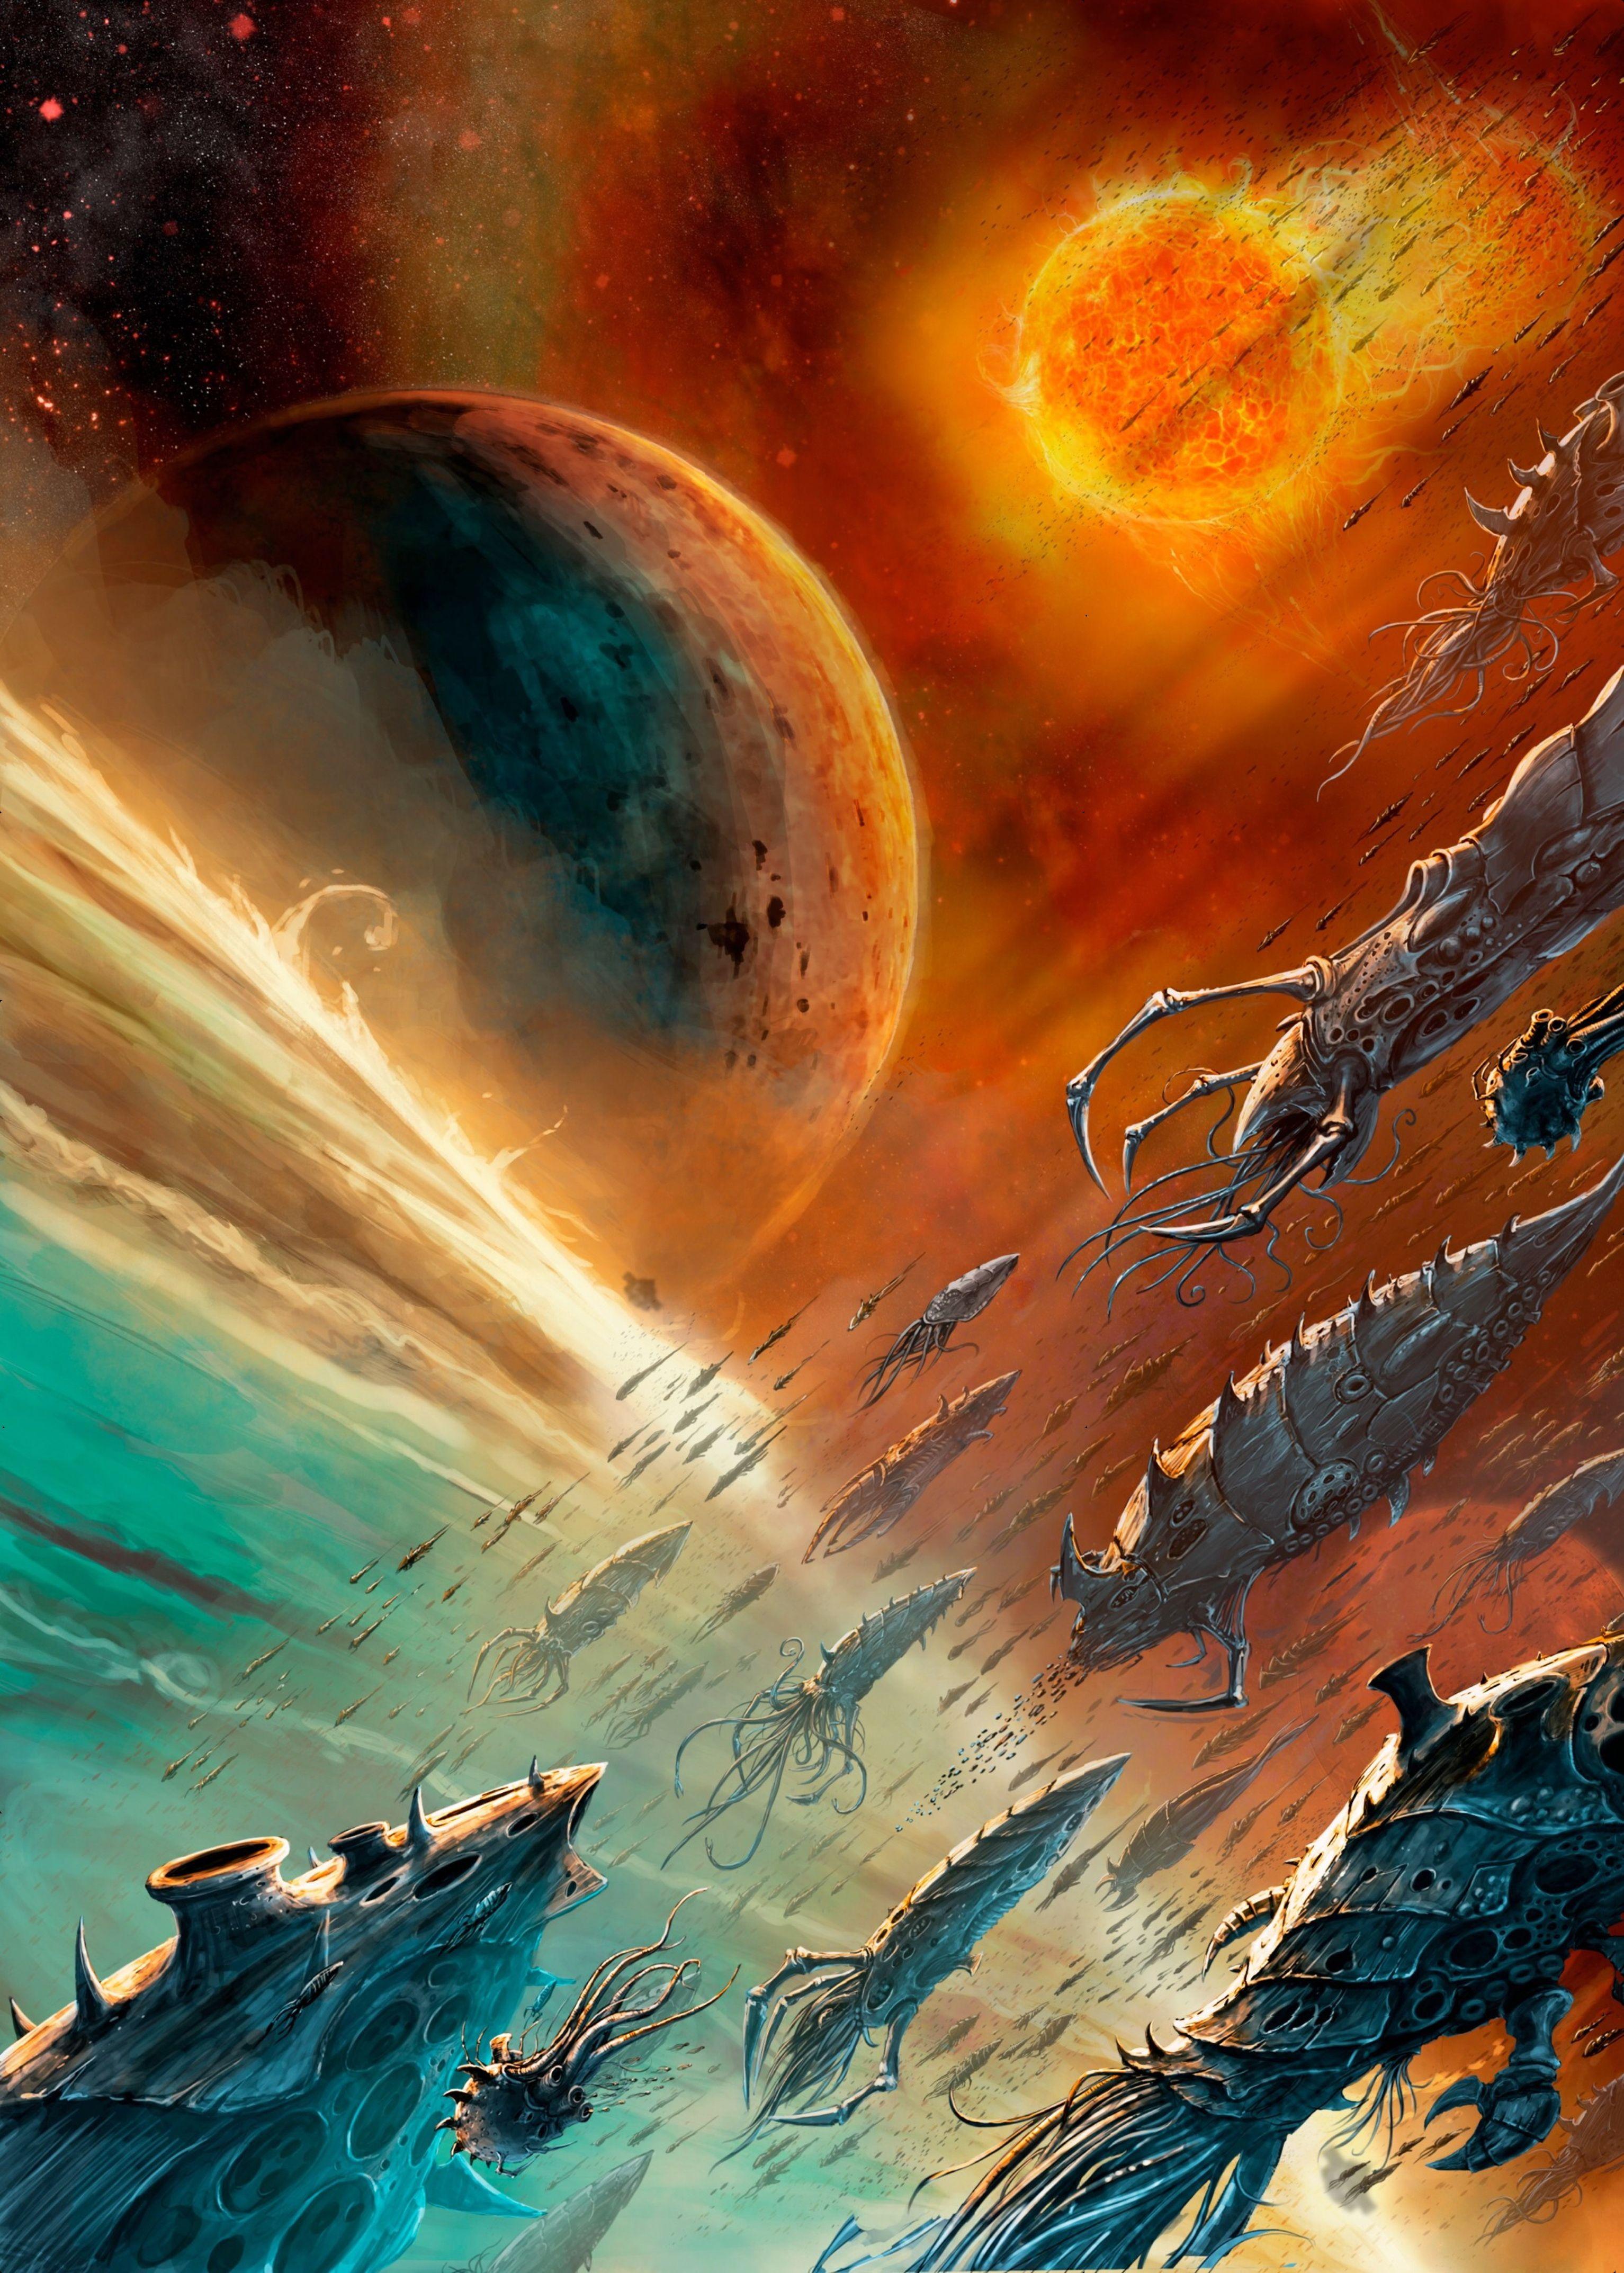 epic spaceship tyranids | Warhammer 40k artwork, Warhammer 40k tyranids, Warhammer